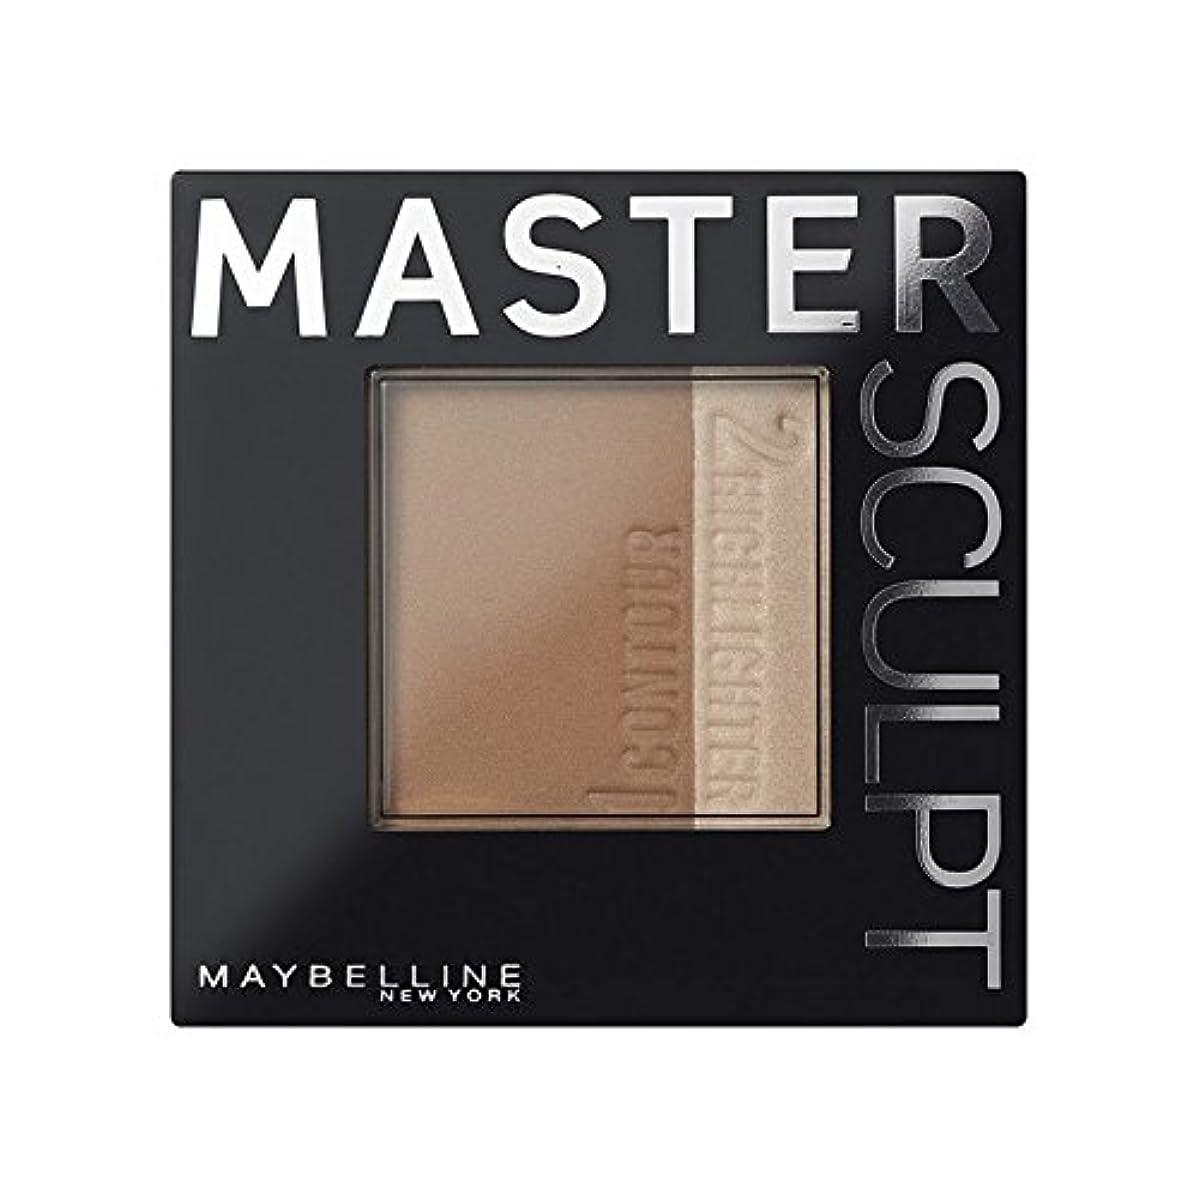 エクスタシーハイジャックジョージバーナードMaybelline Master Sculpt Contouring Foundation 01 Light/Med - 土台01光/ を輪郭メイベリンマスタースカルプト [並行輸入品]